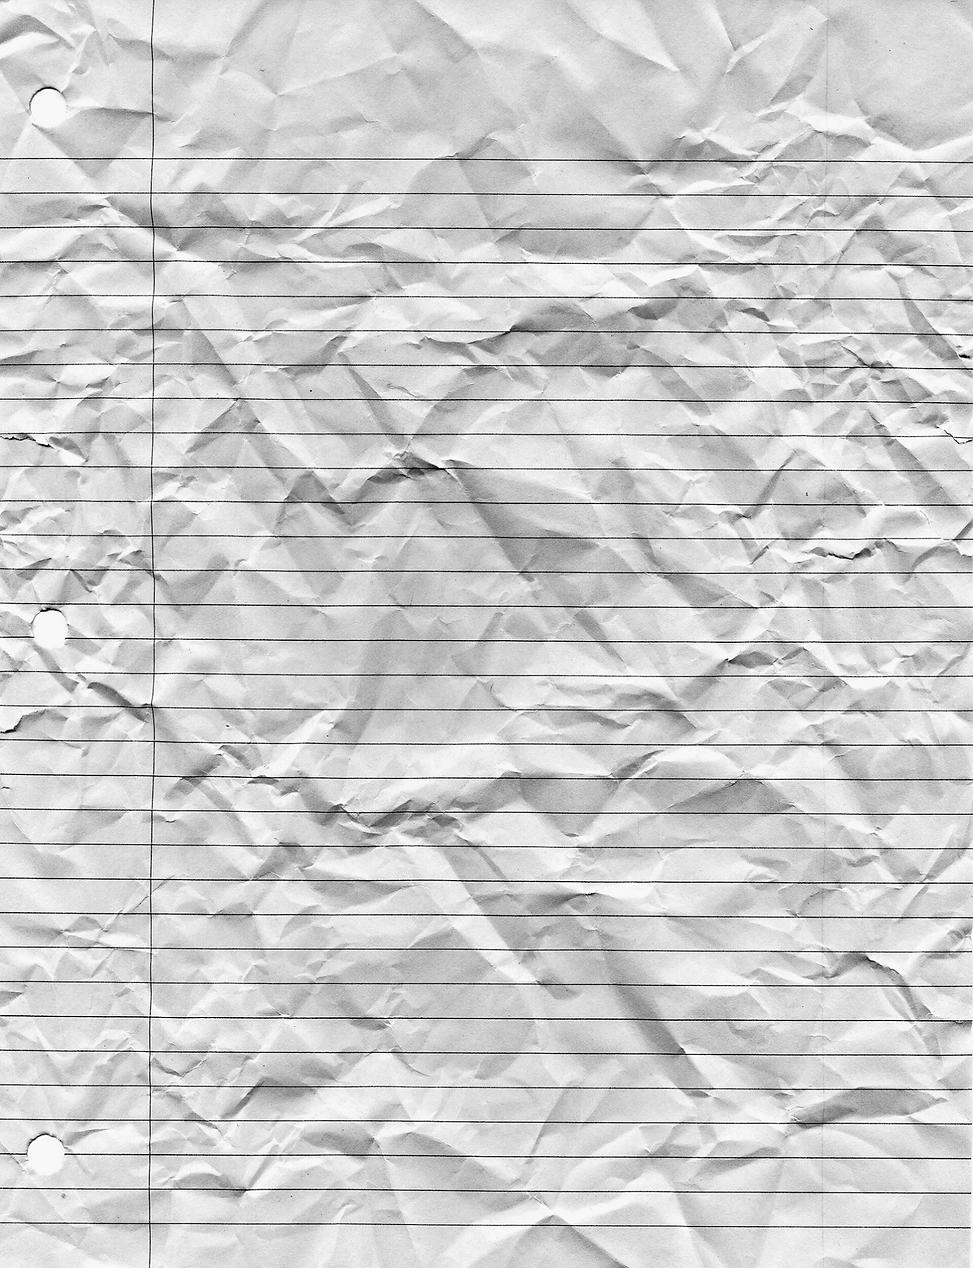 Notebook Wallpaper.png